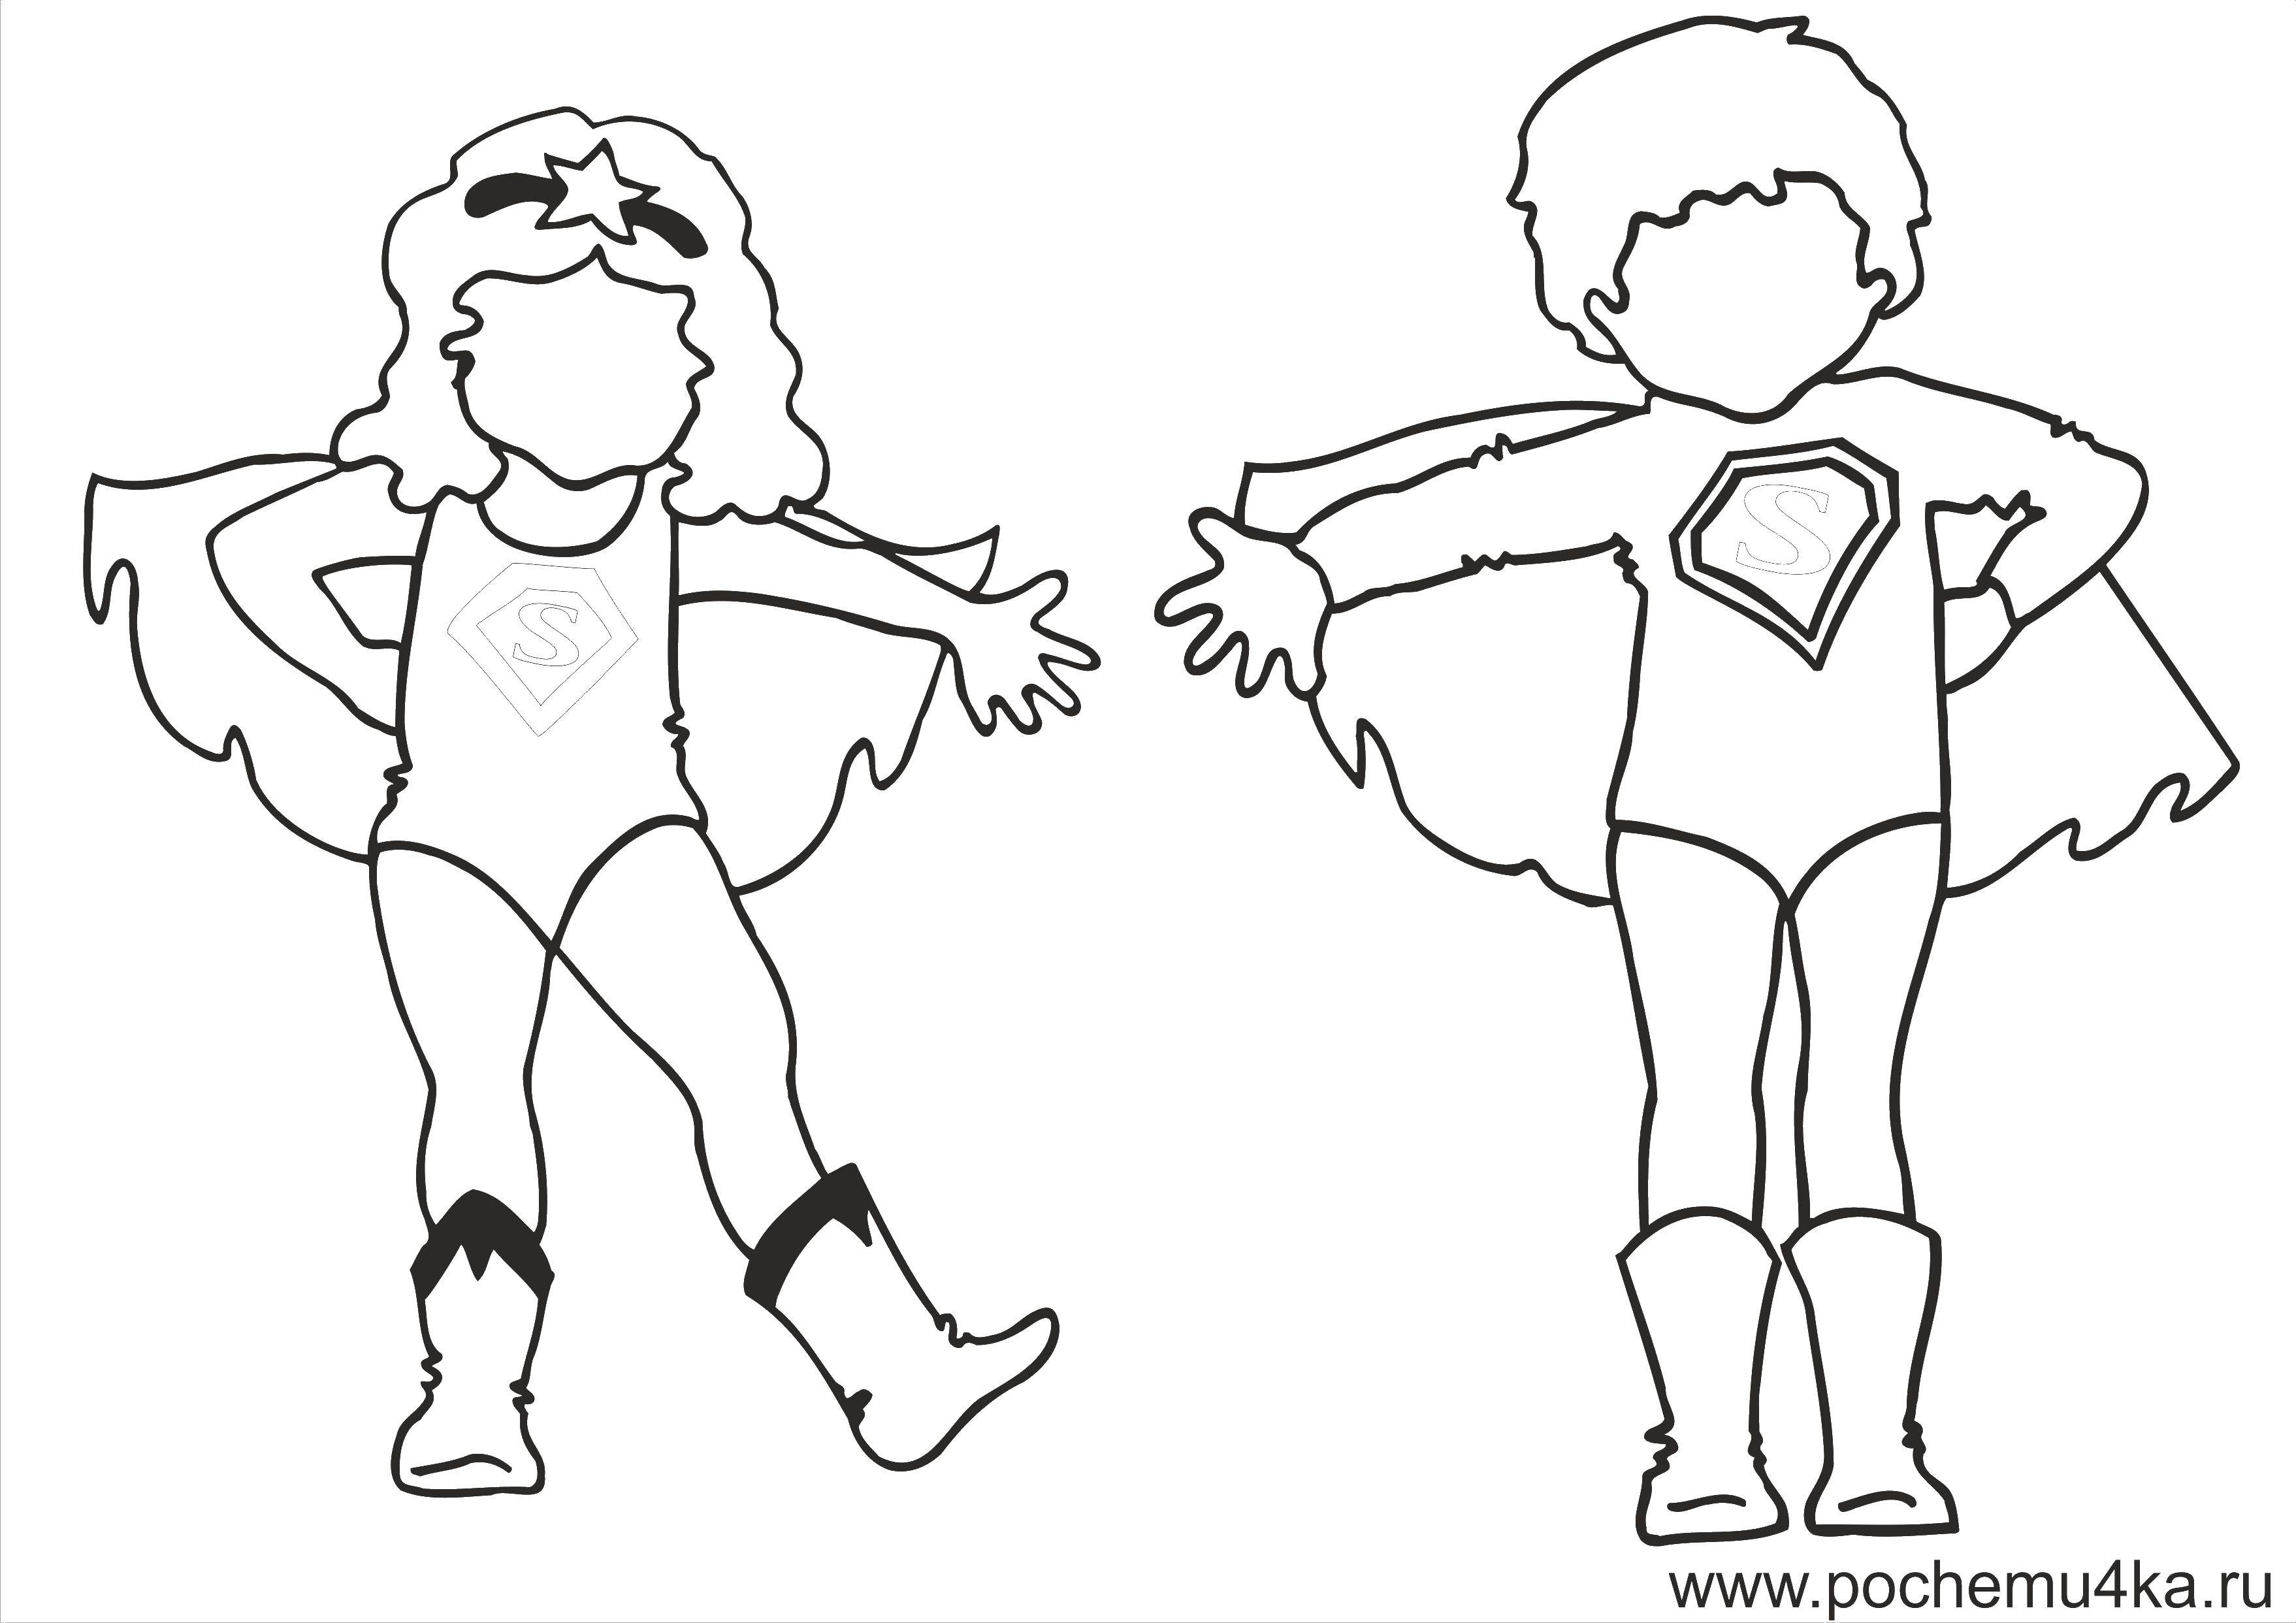 Название: Раскраска Детские костюме суперменов. Категория: дети. Теги: дети, супермены.